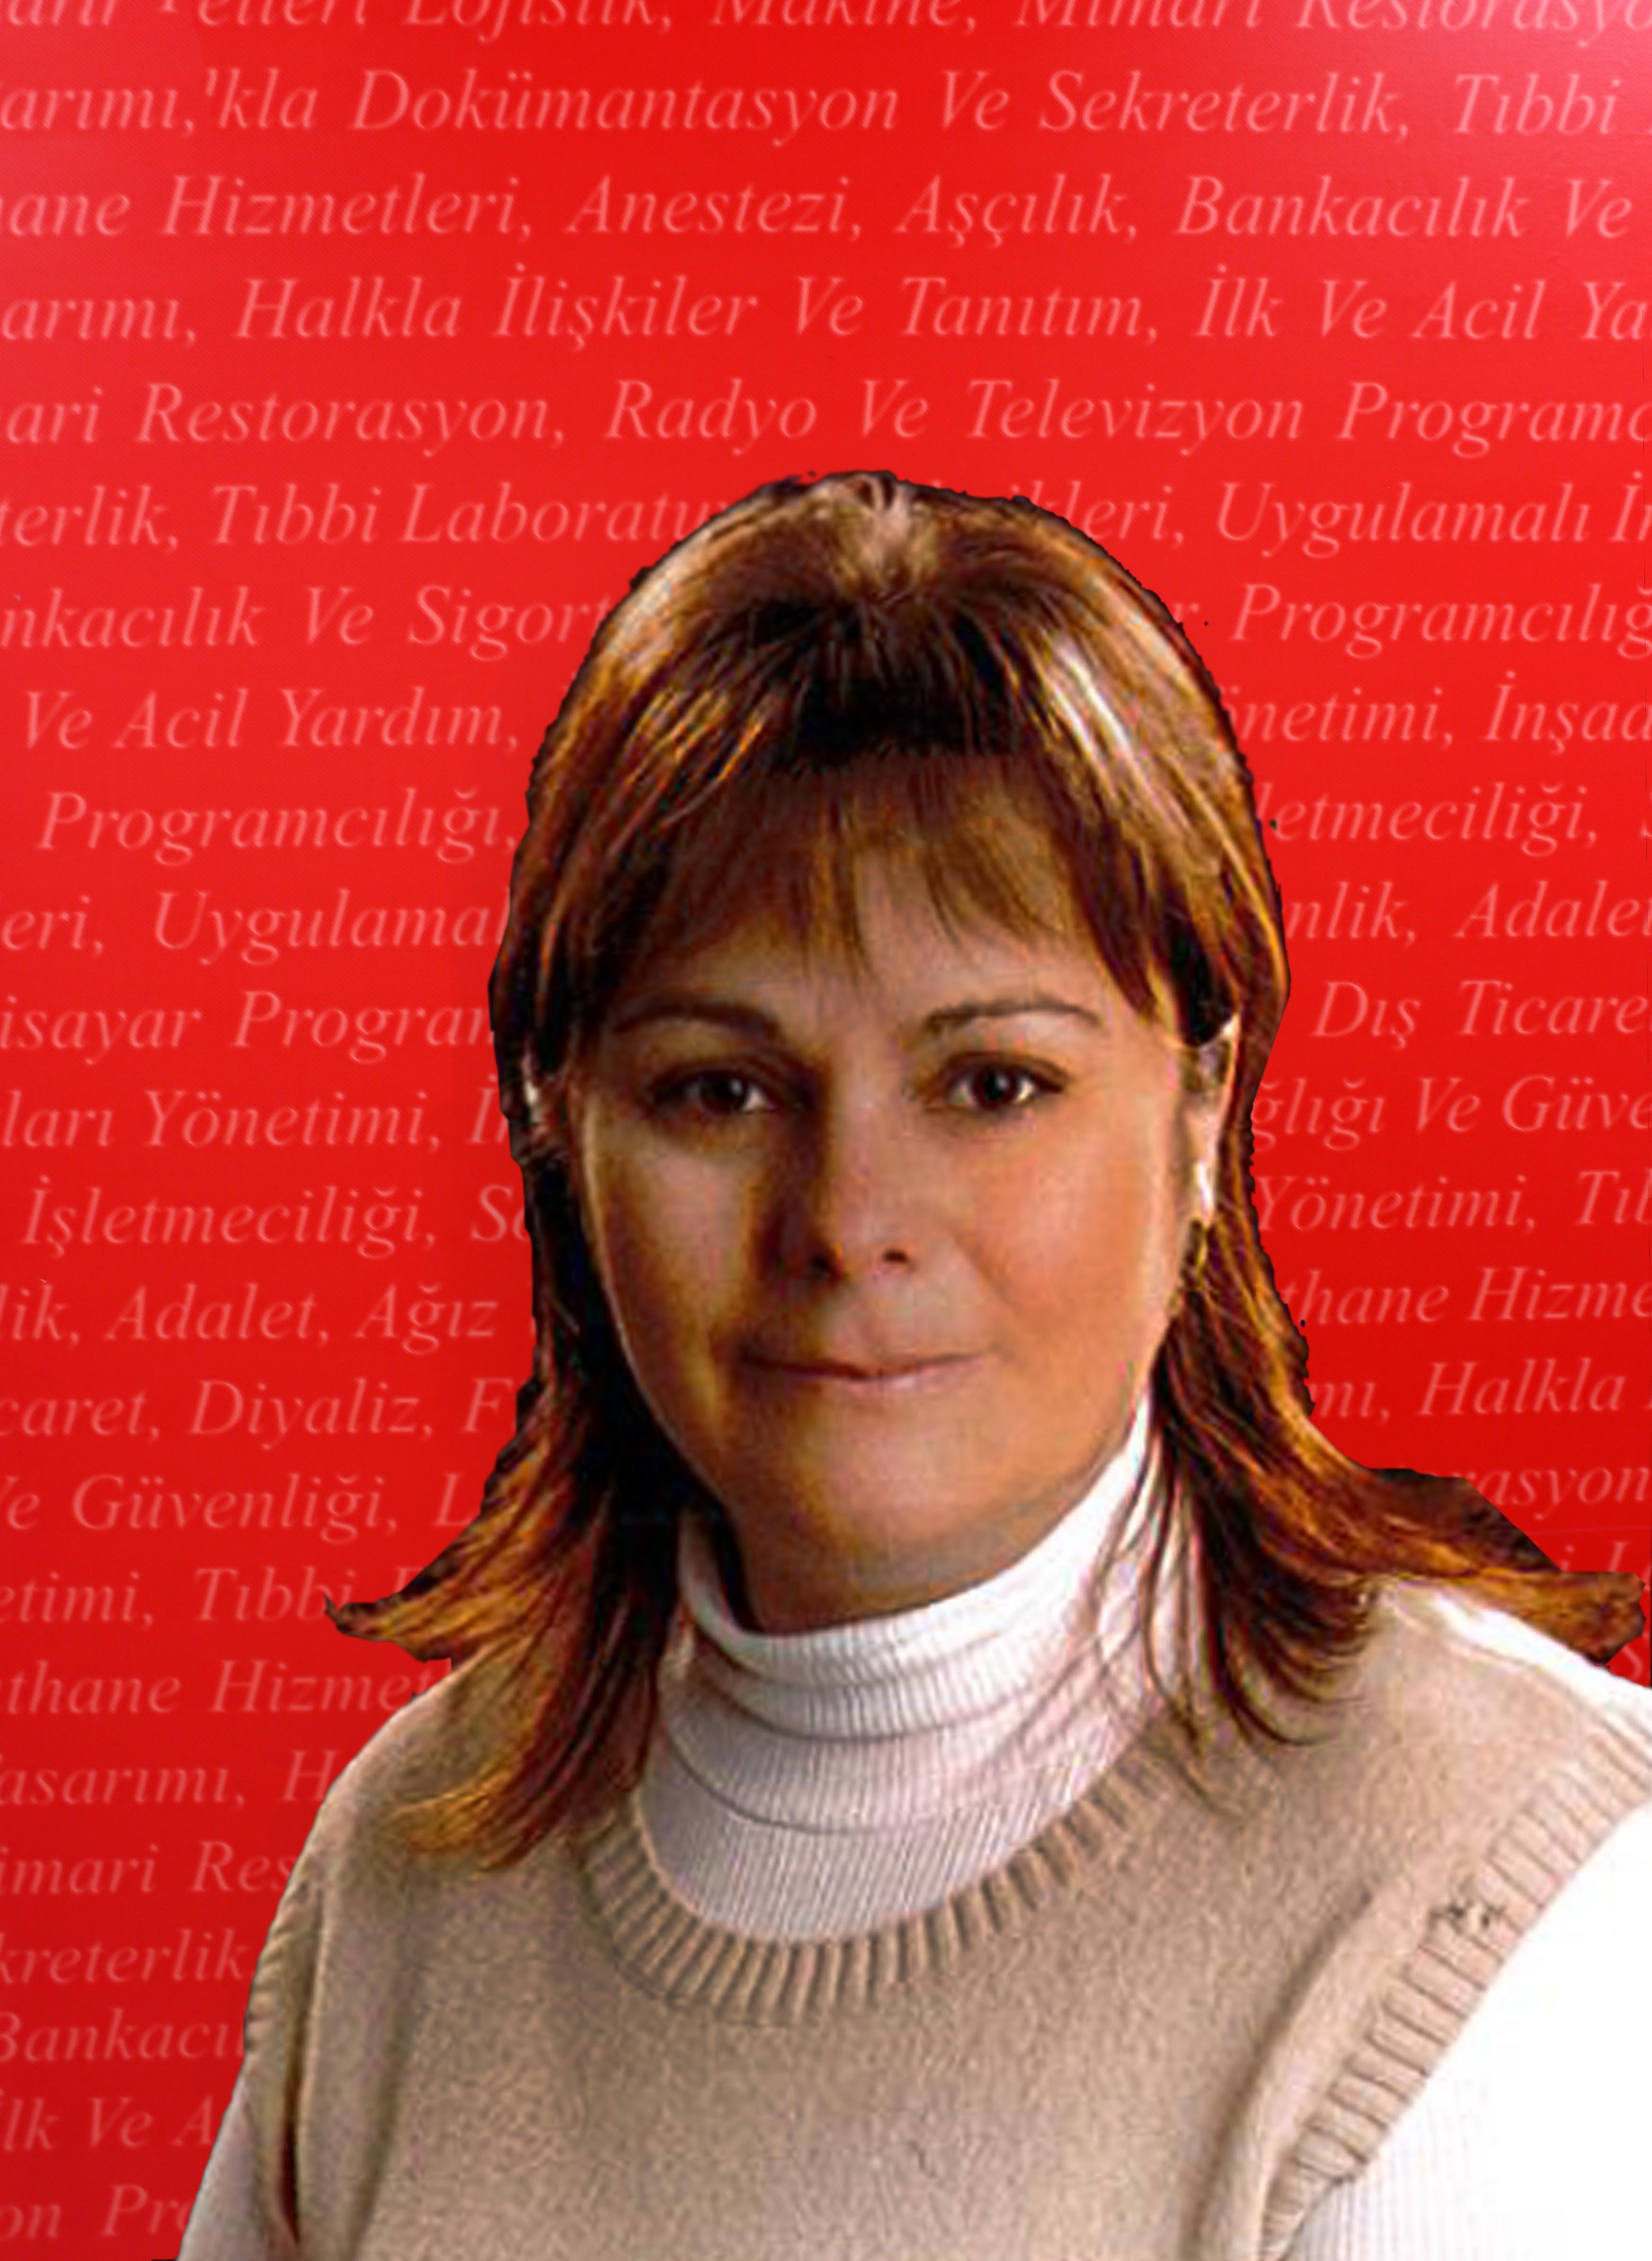 Tülay Bursalı